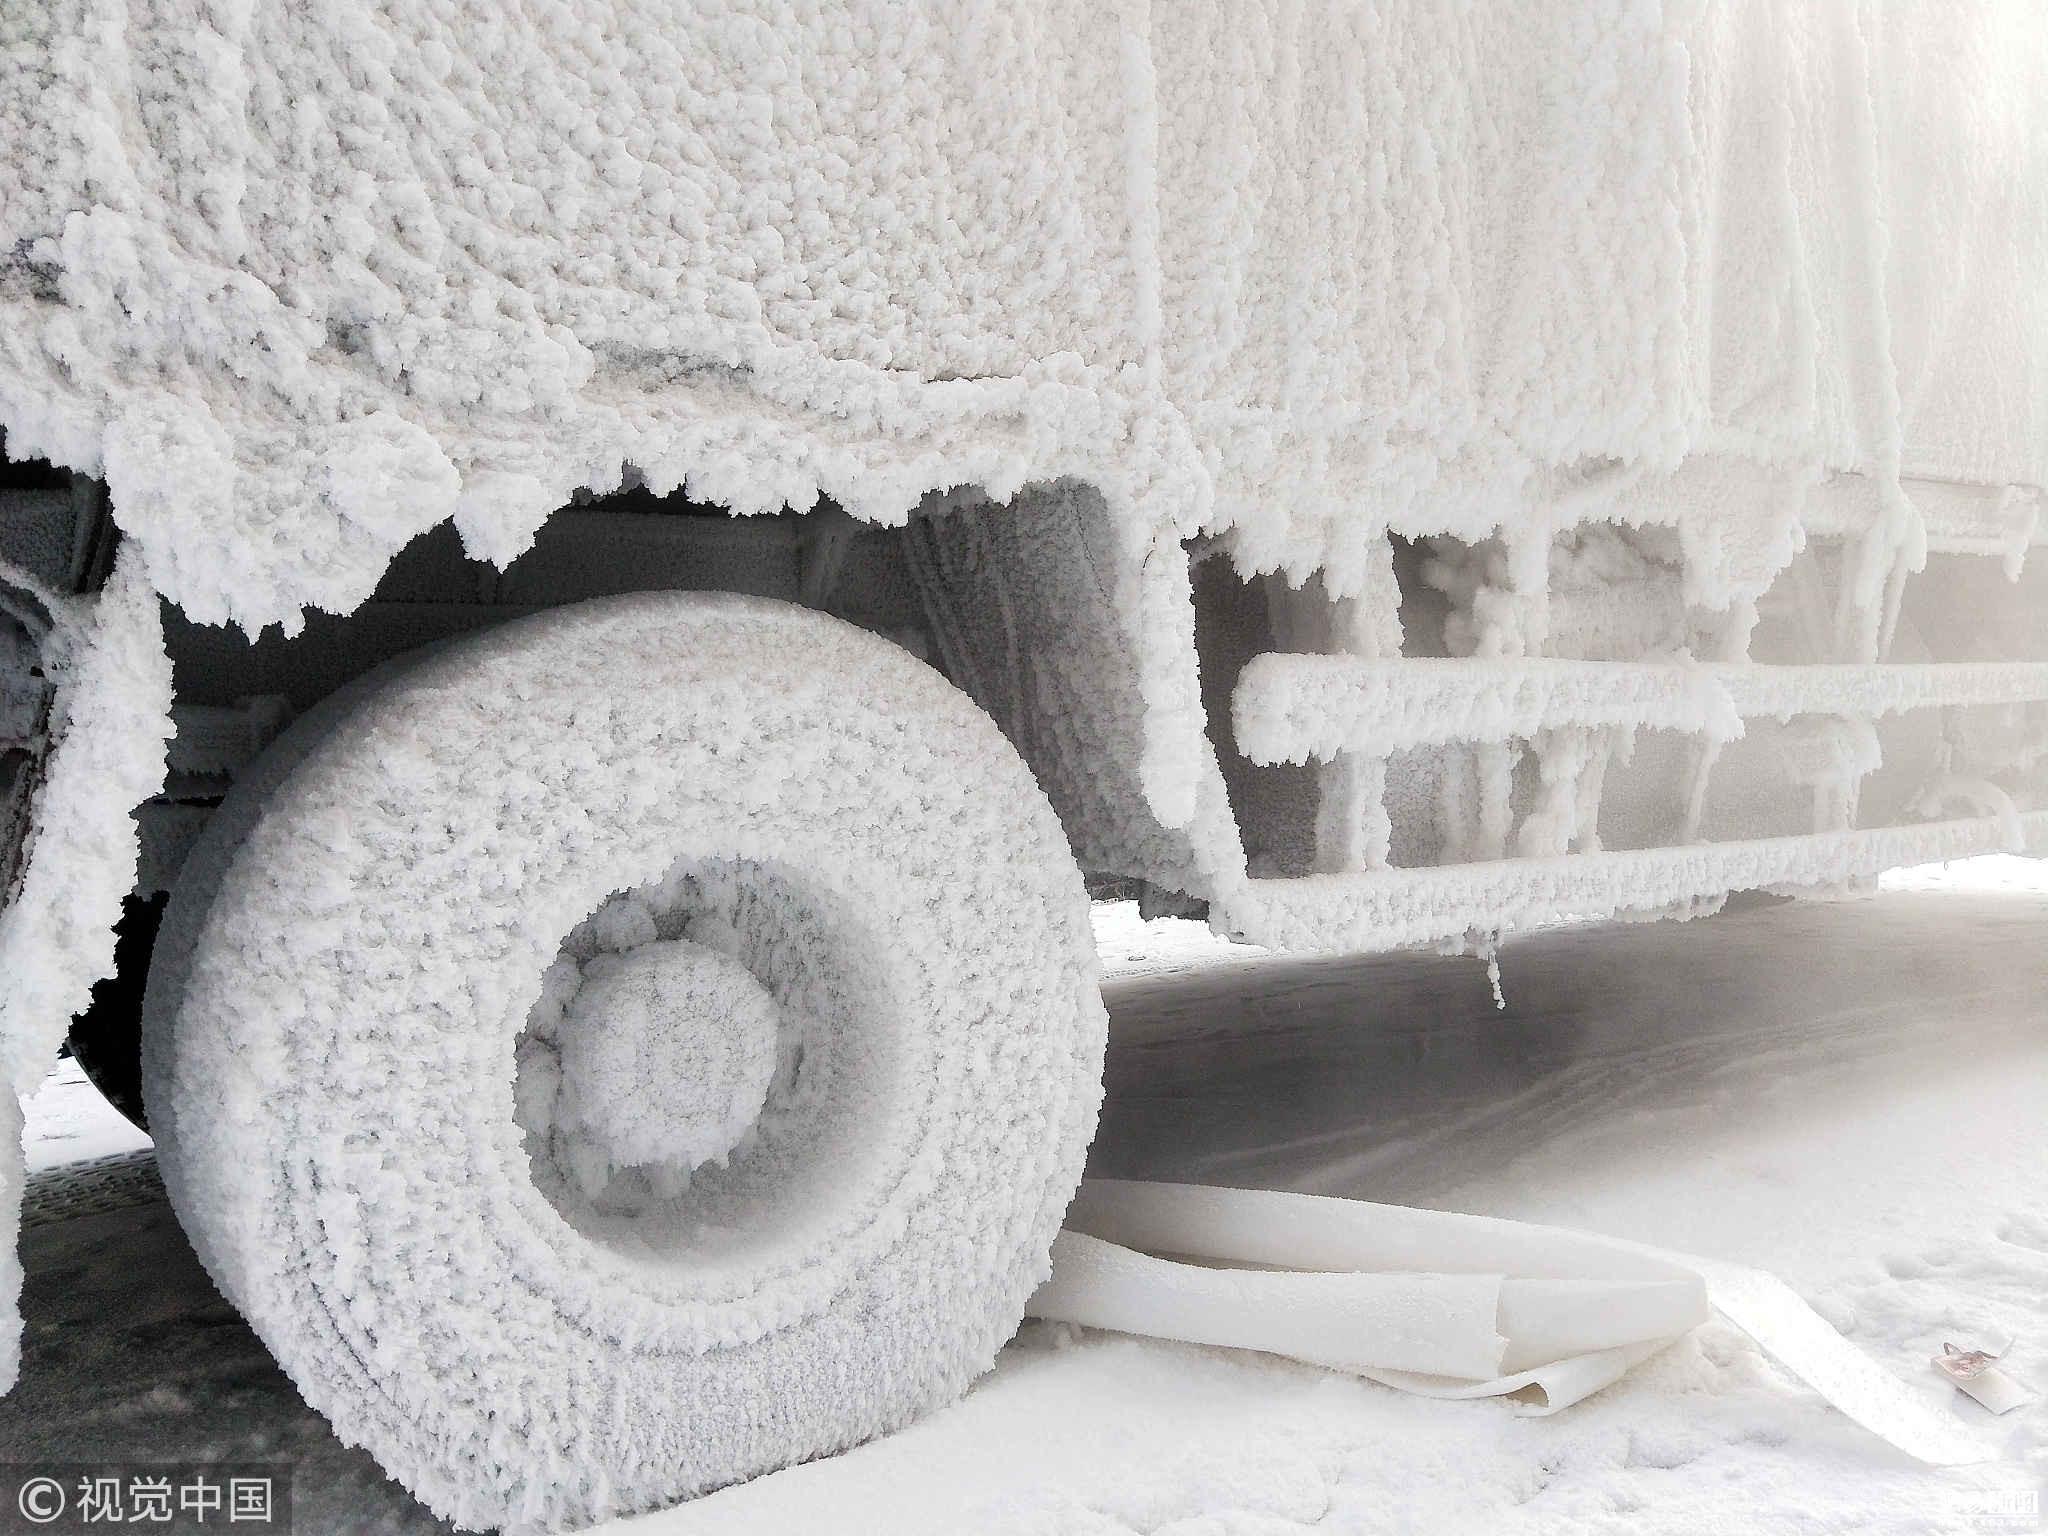 天气如此寒冷,南方的车子都受不了了,直接穿上雪衣